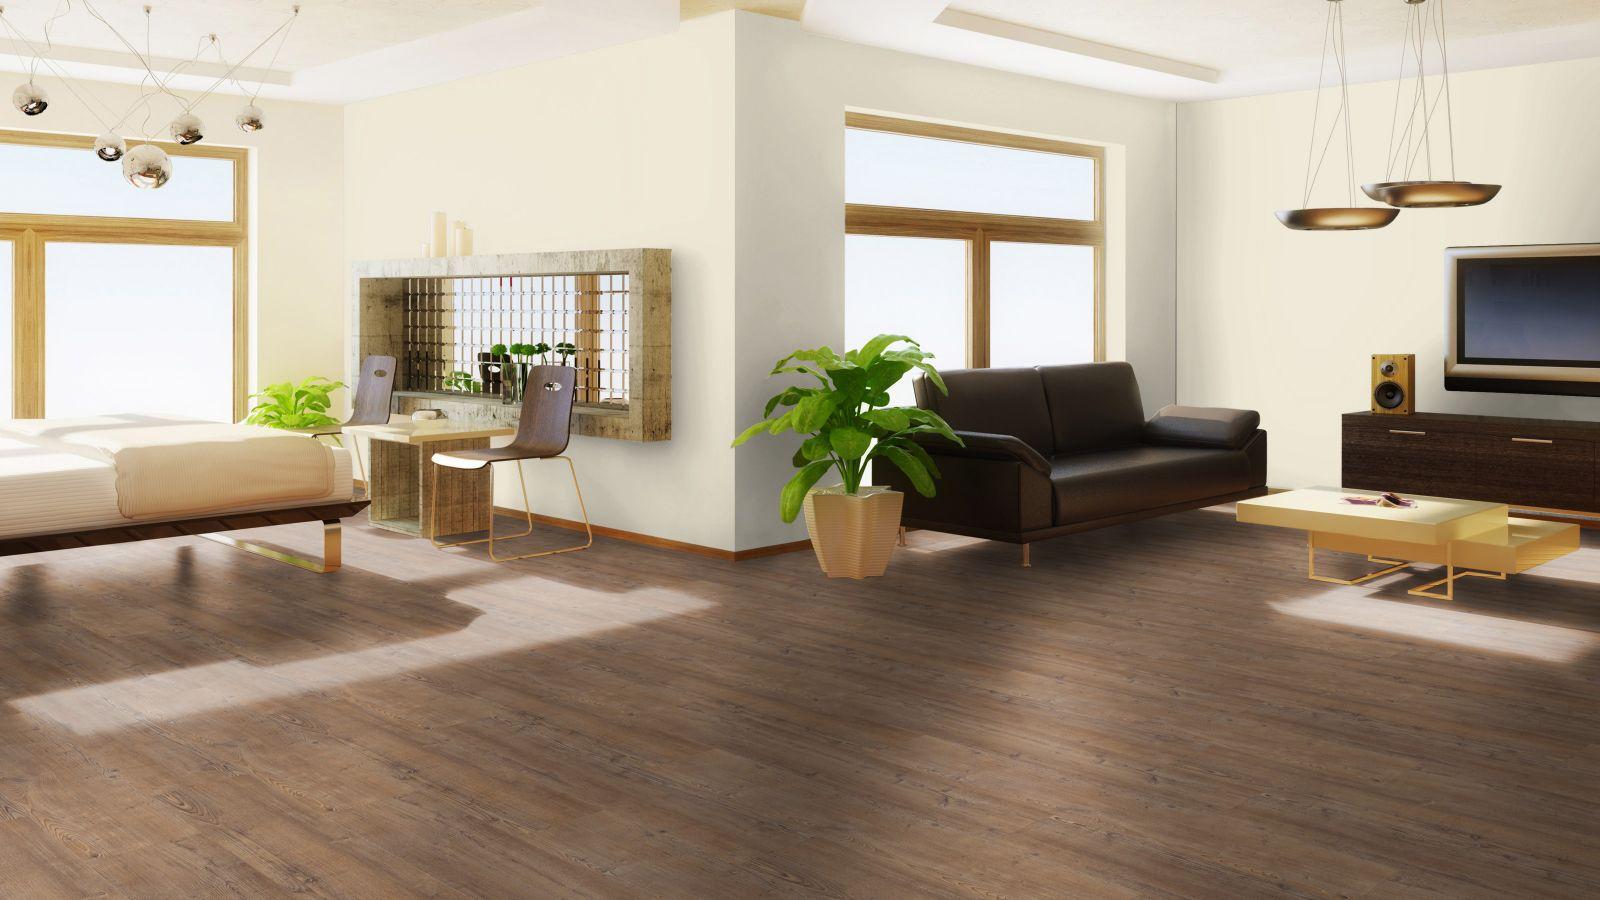 Linoleum Vloer Badkamer : Kunststof vloeren met een natuurlijke uitstraling